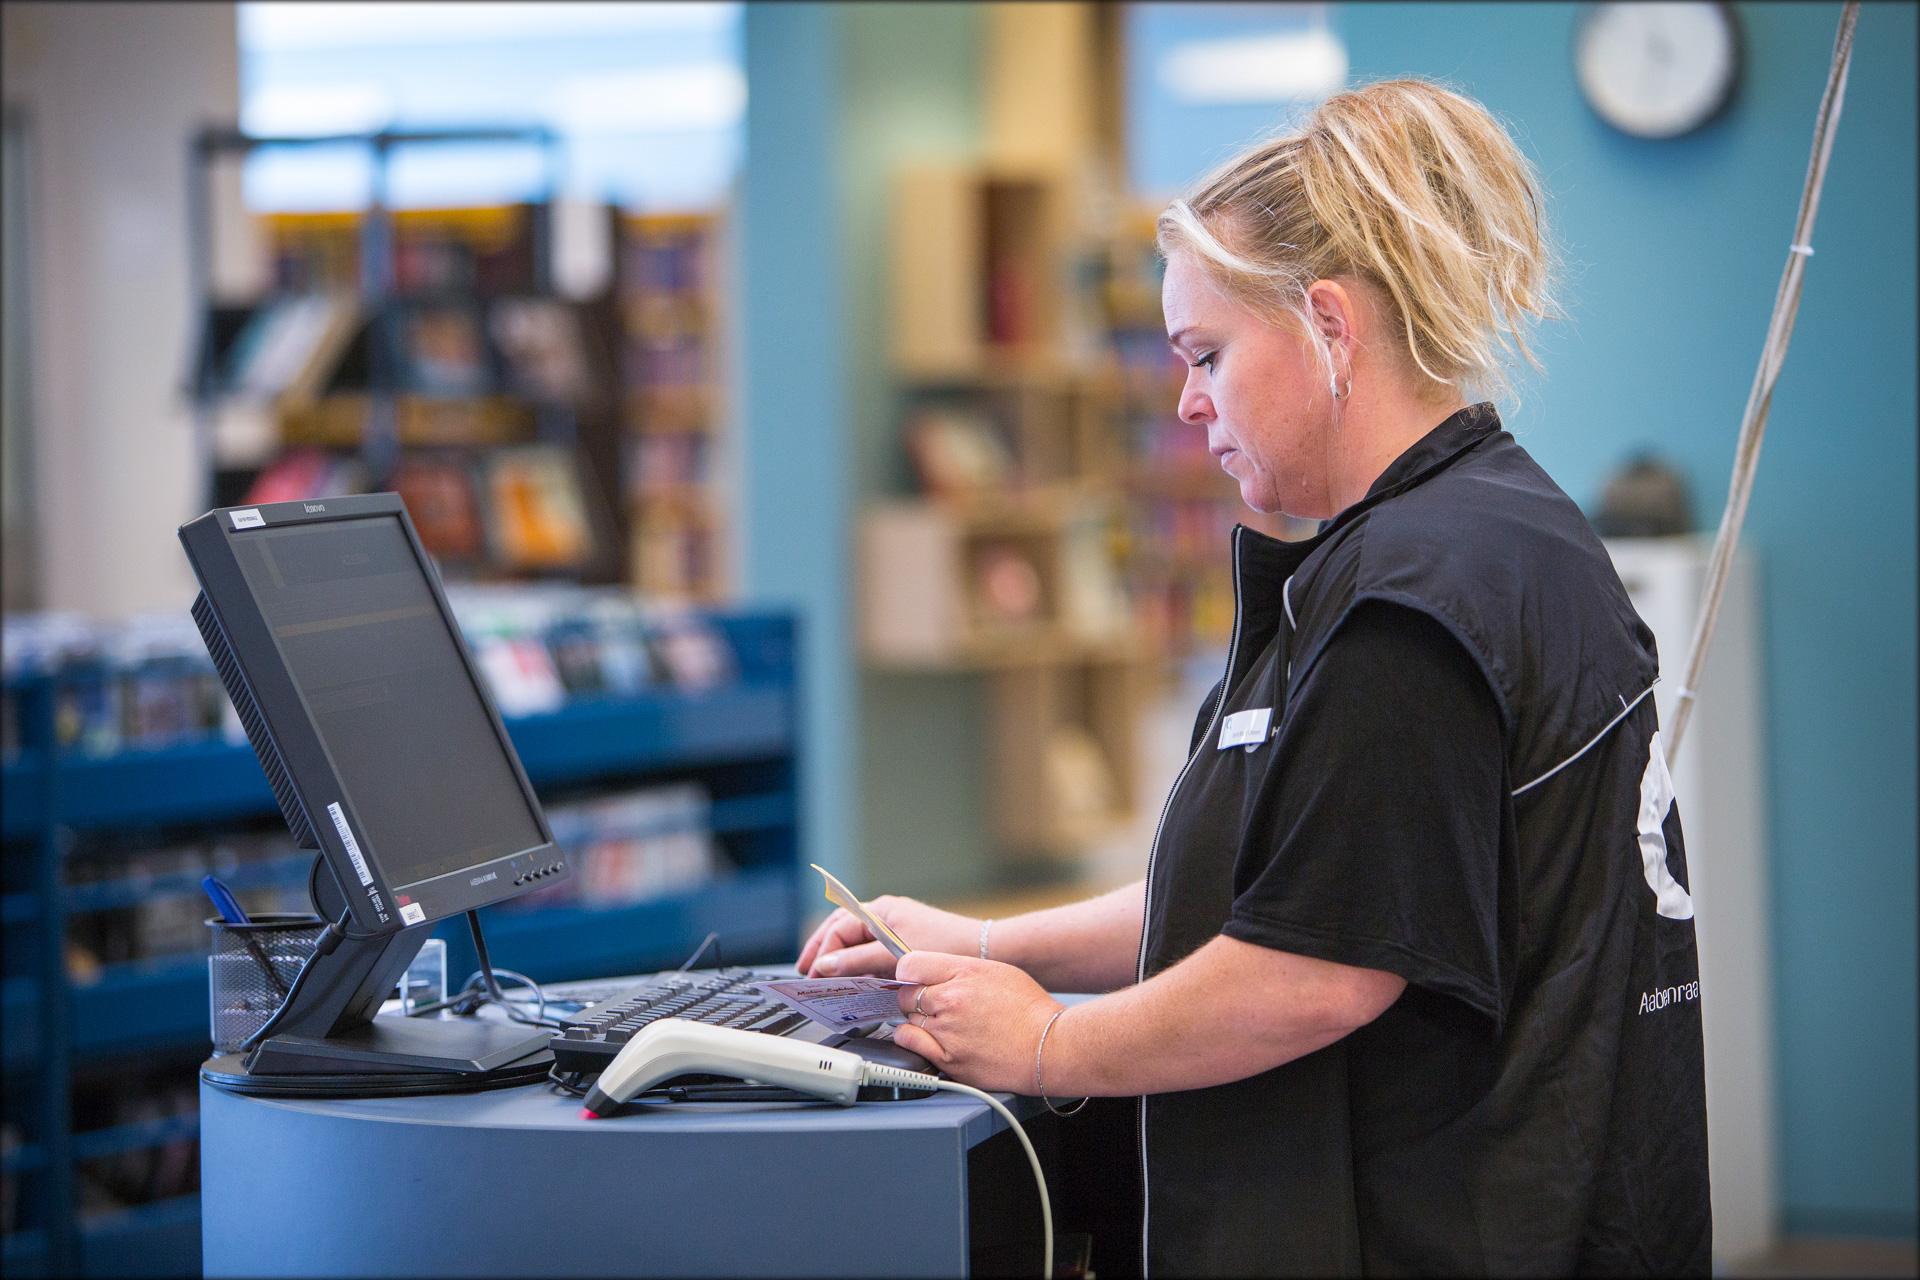 Bryder monopol: Aarhusiansk IT-virksomhed får hul igennem til det svenske biblioteksmarked